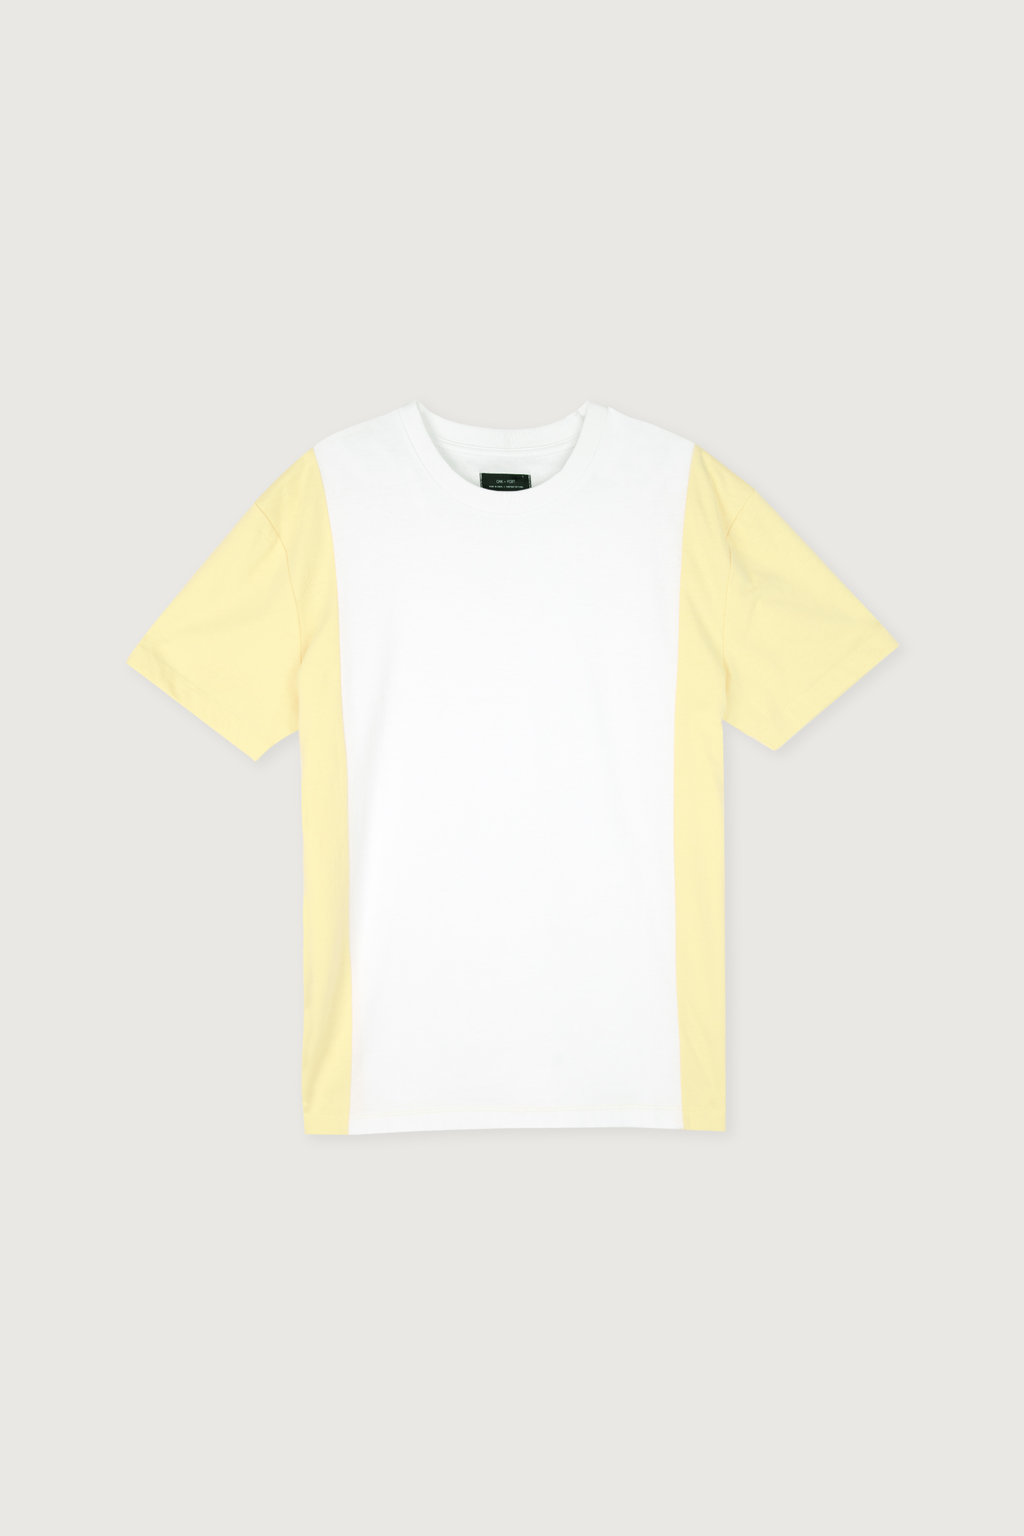 TShirt 3660 Yellow 7